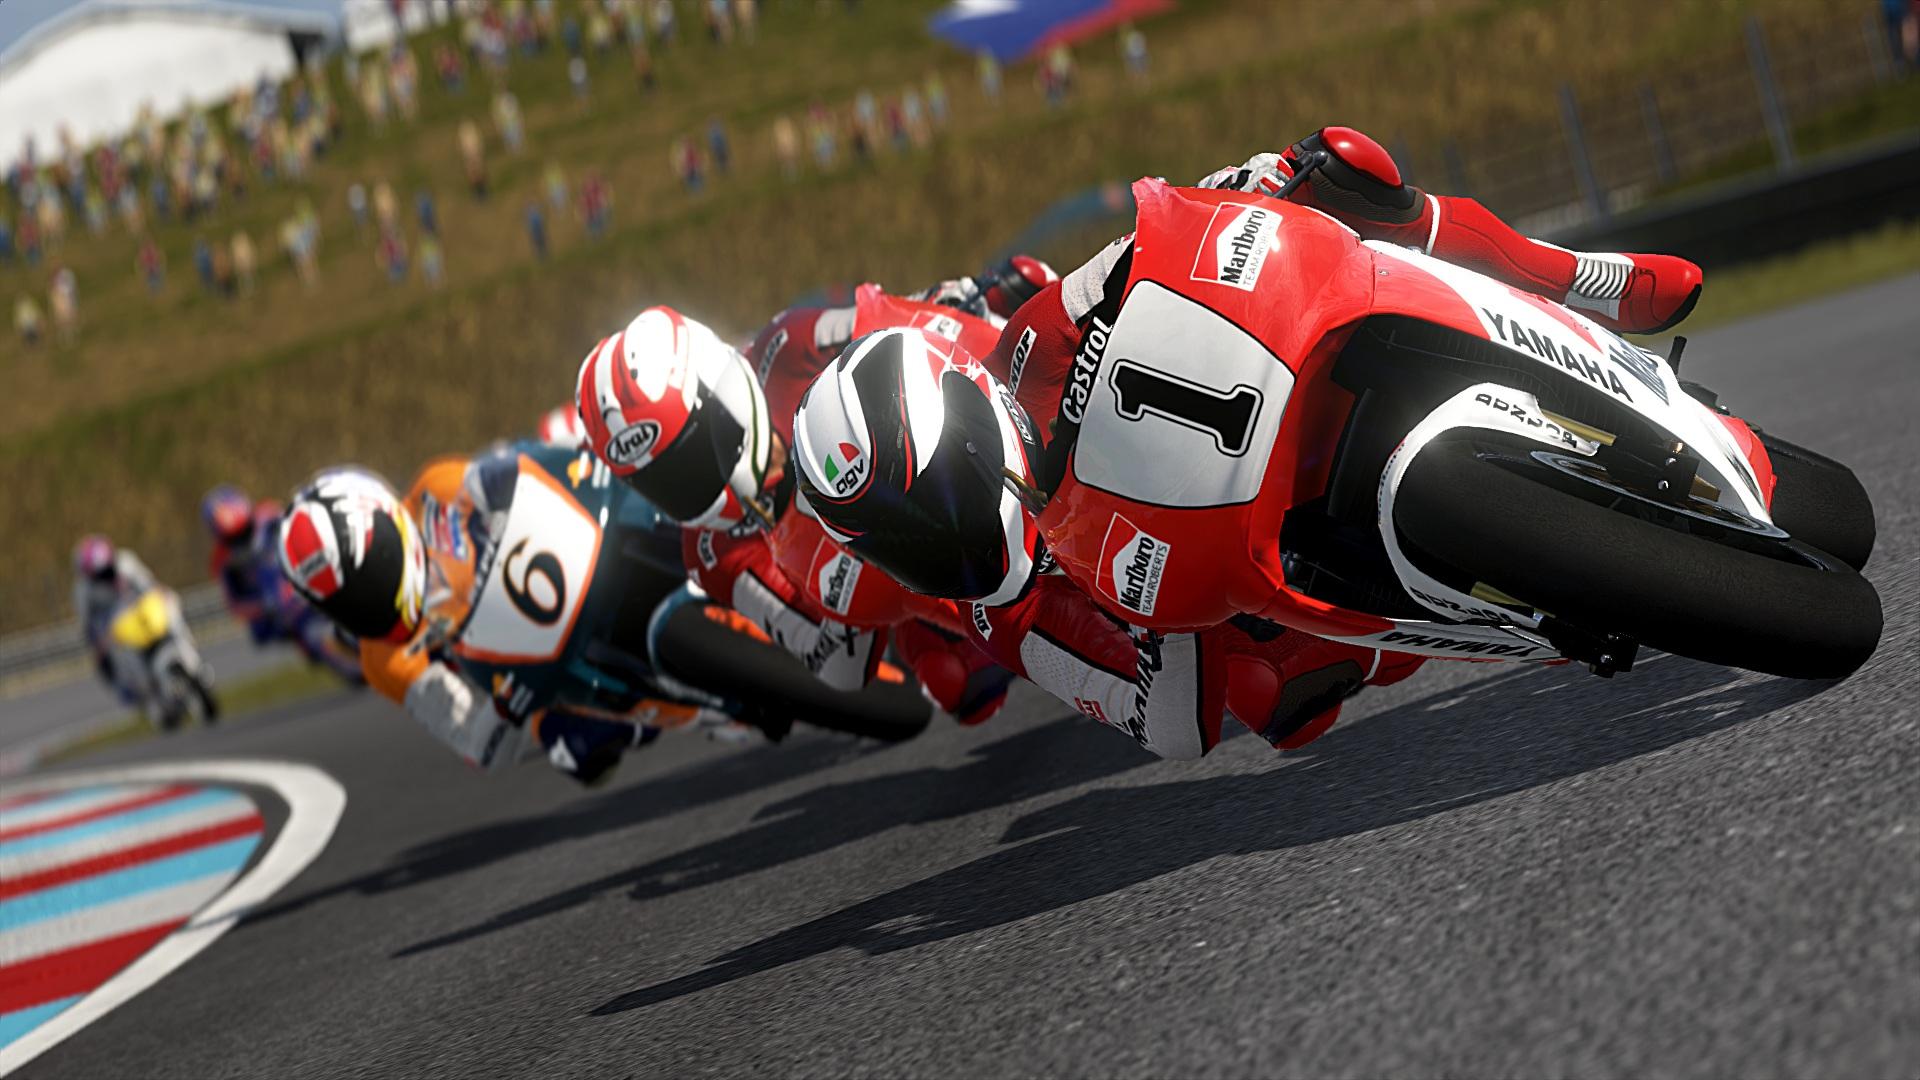 MotoGP14X64 2014-07-16 16-30-49-62.jpg